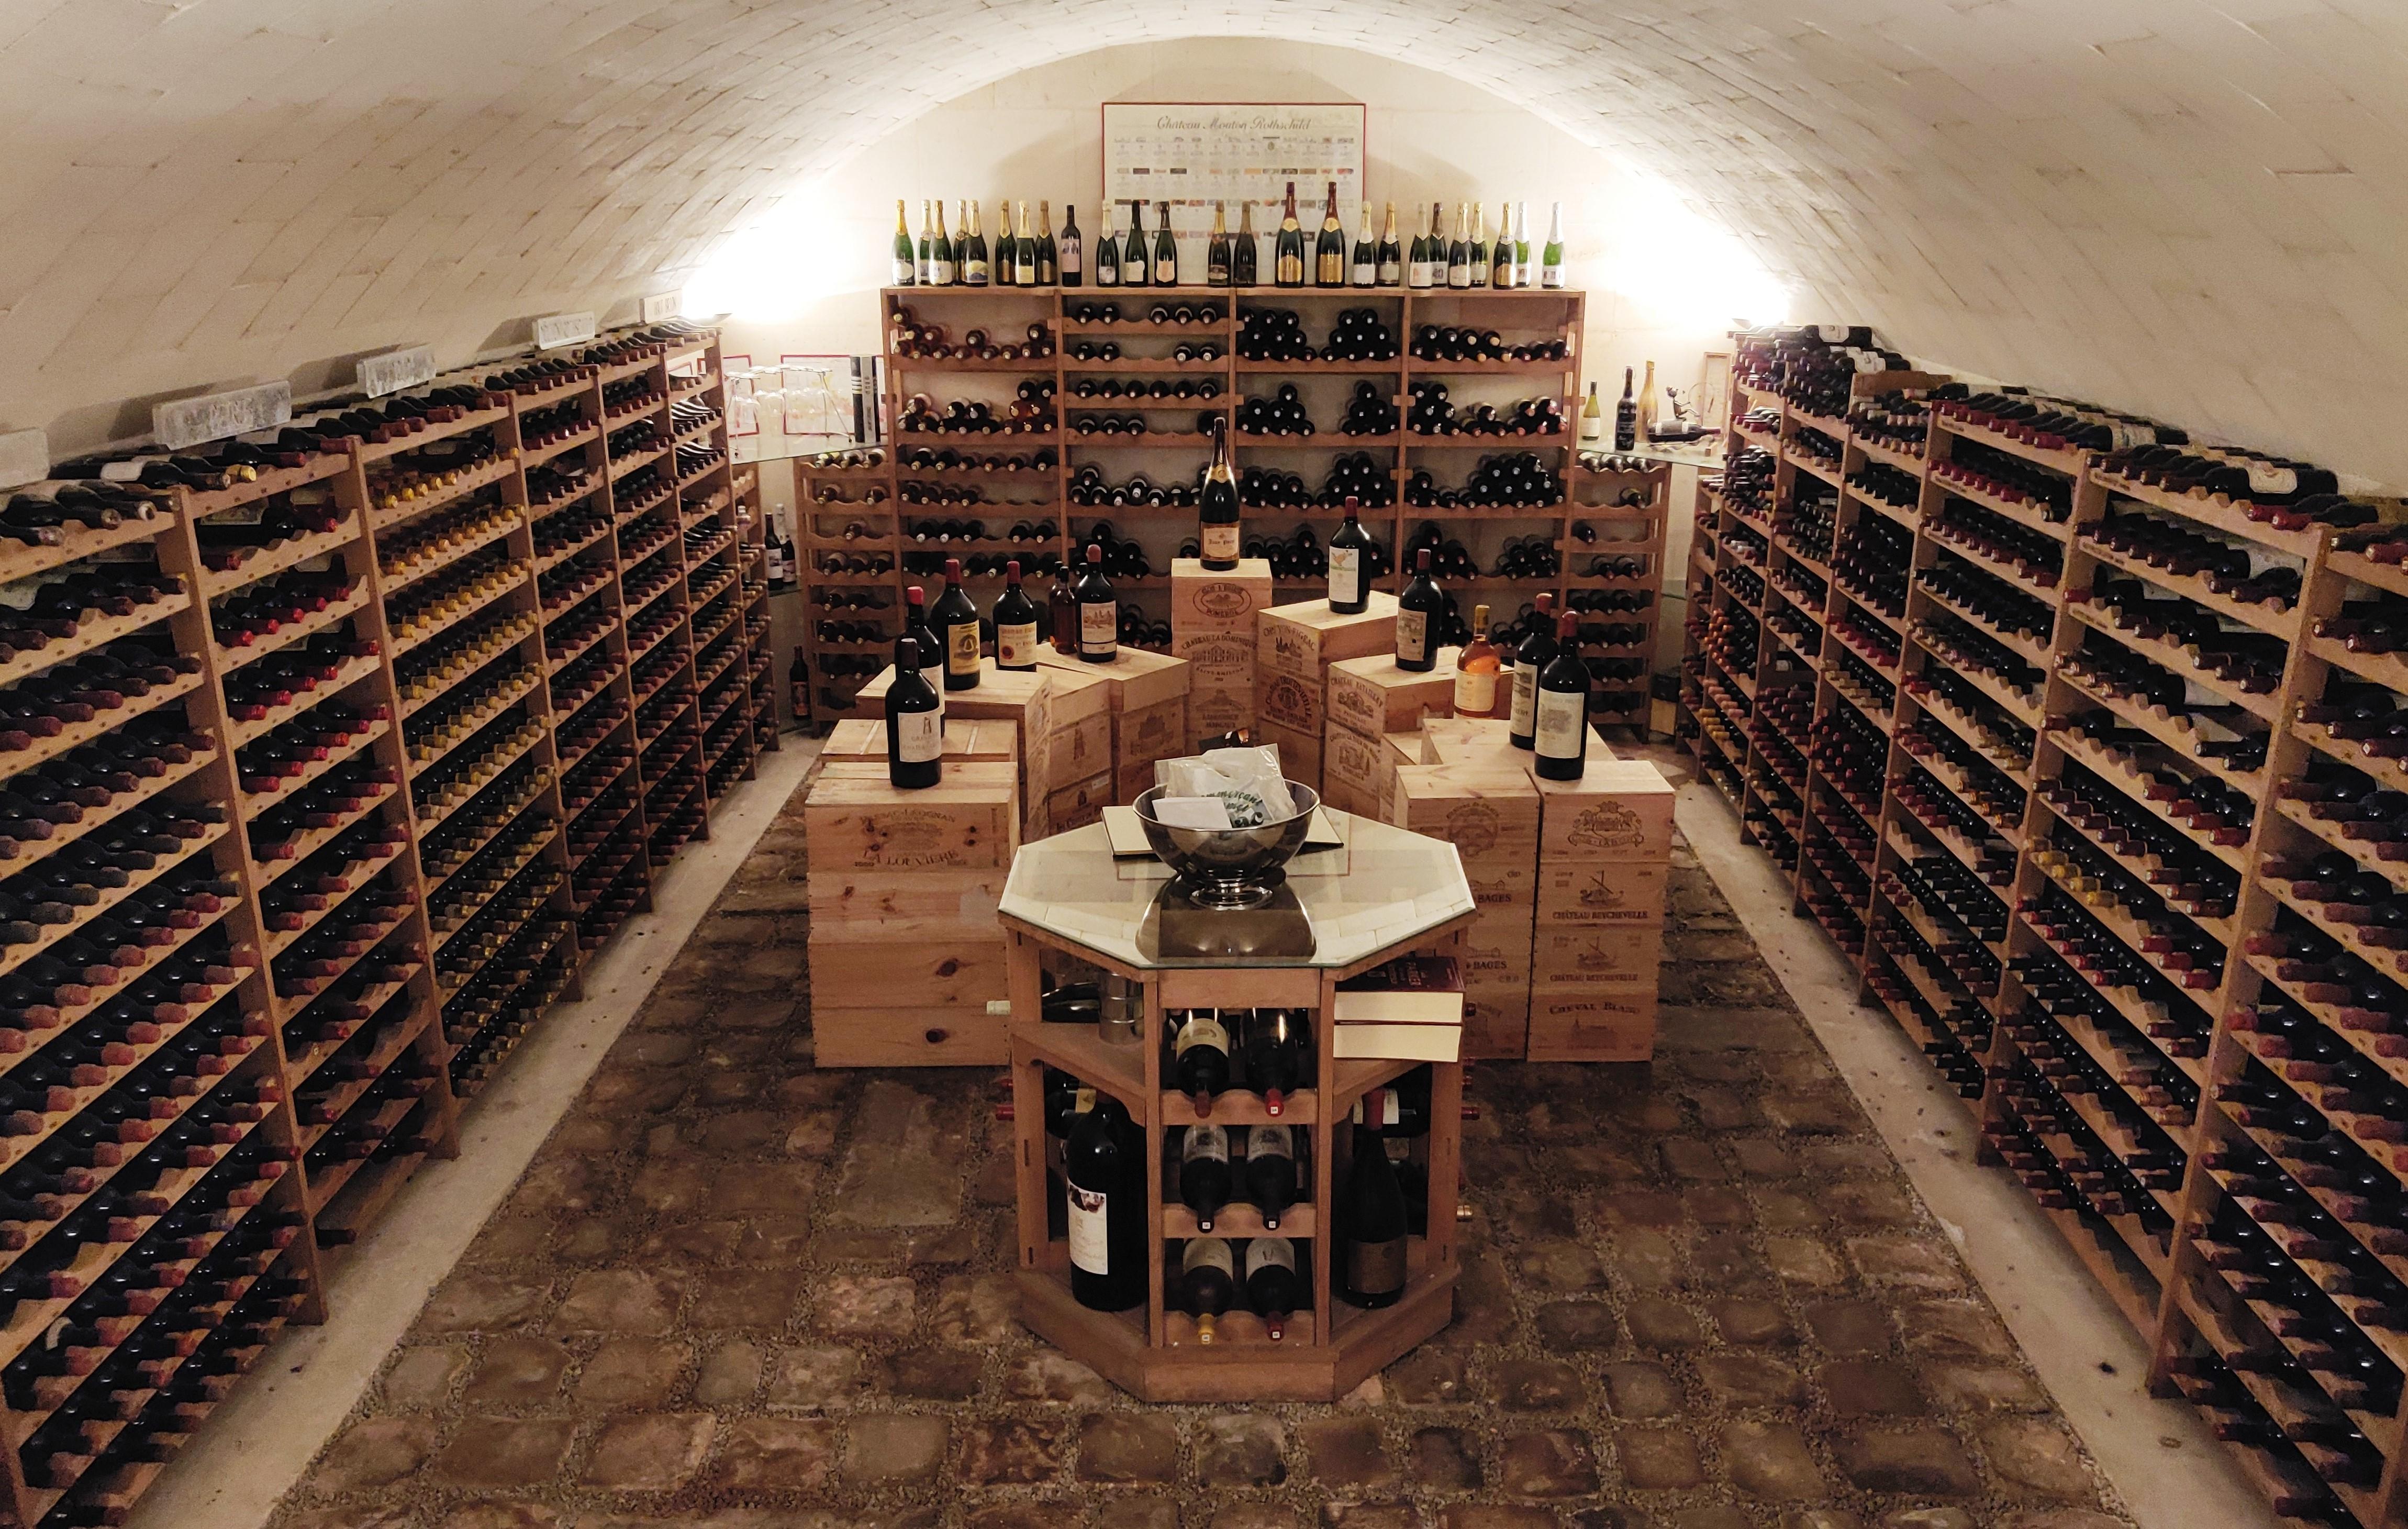 Vente Vente de vins d'exception sur deux jours chez Actéon Senlis : 847 lots